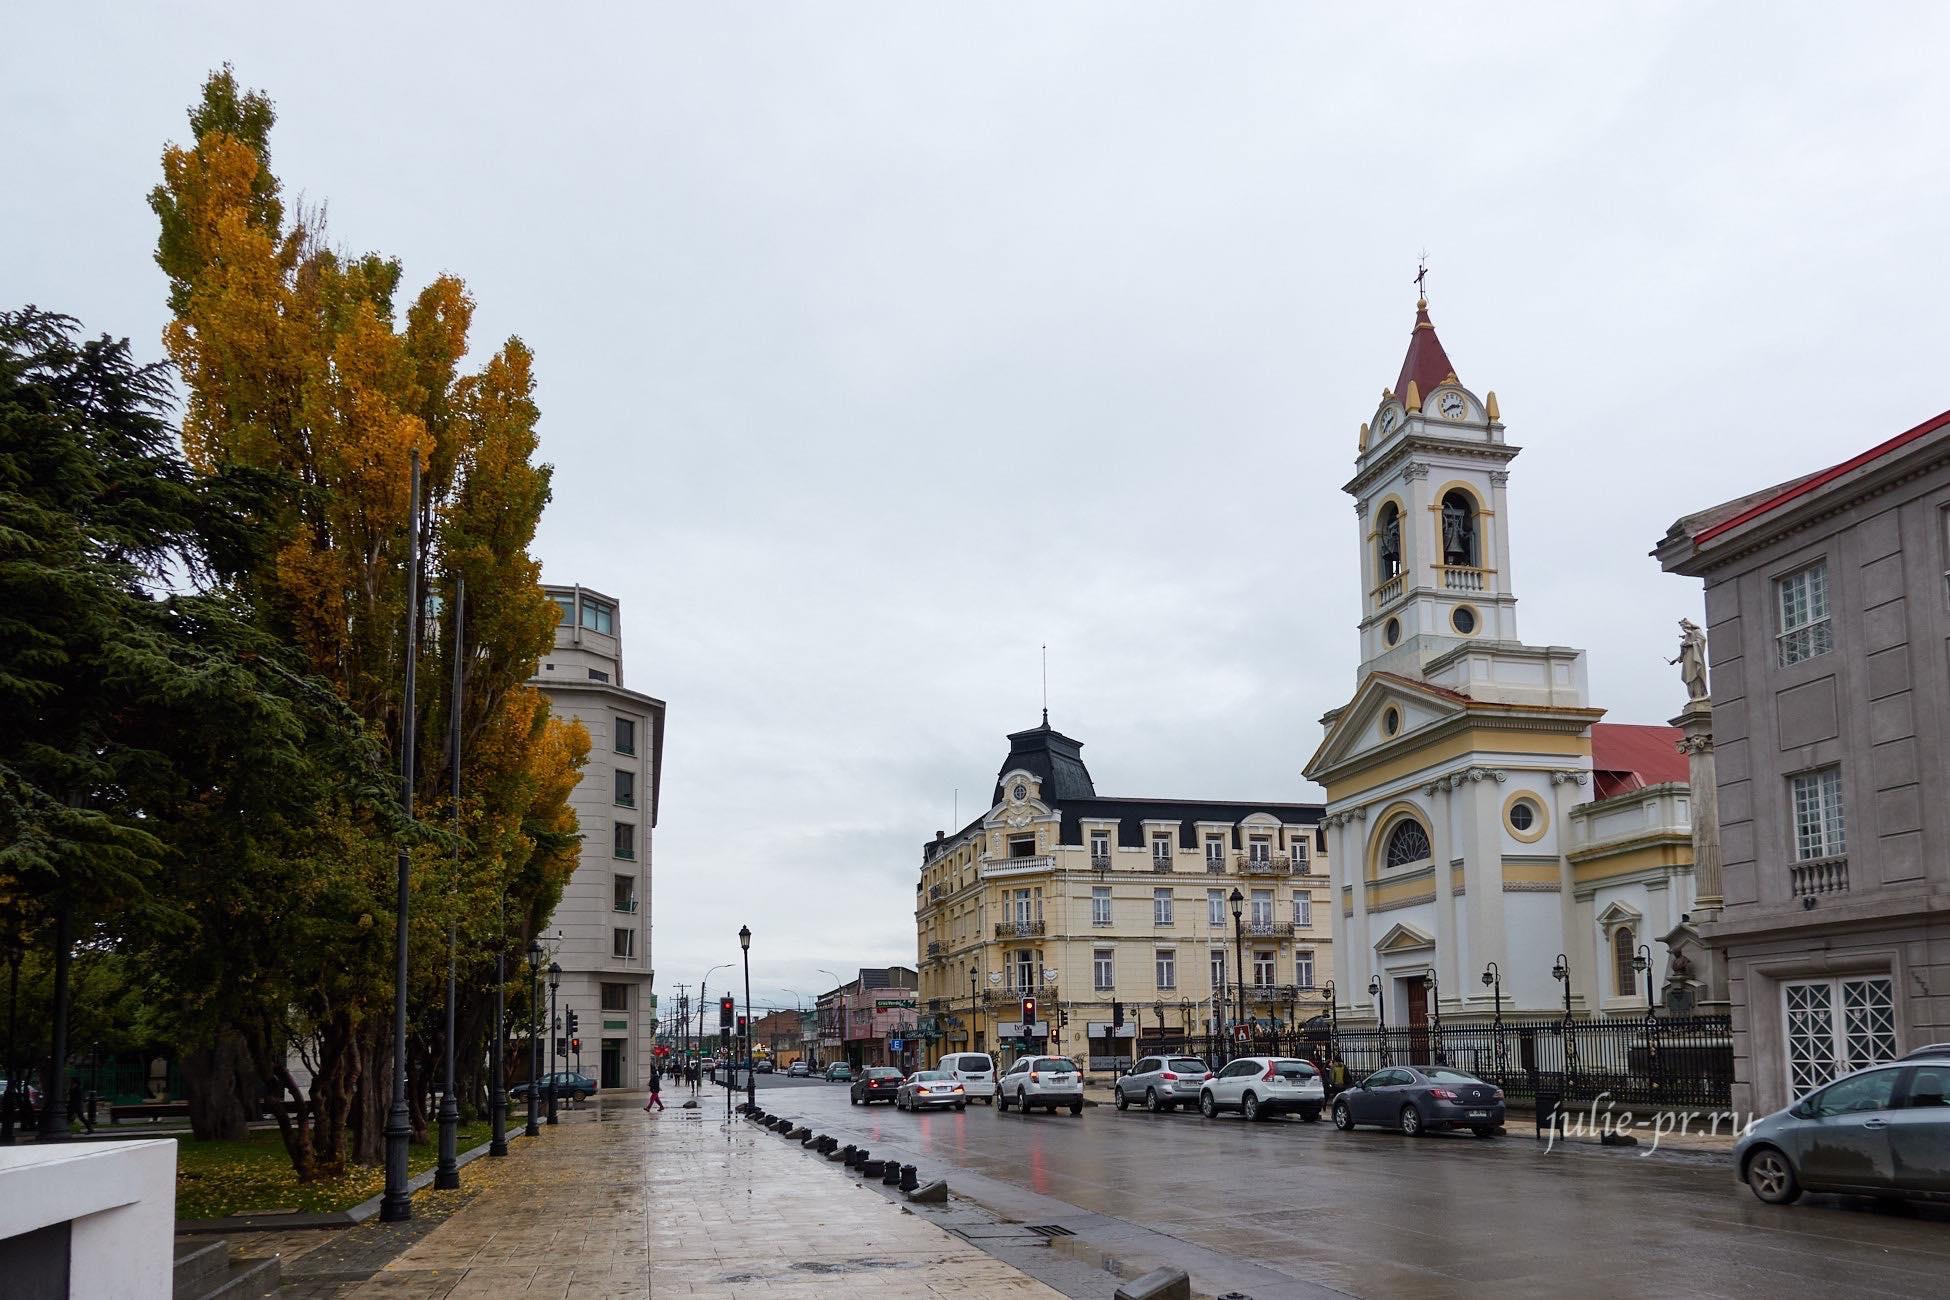 Чили, Патагония, Пунта-Аренас, Собор